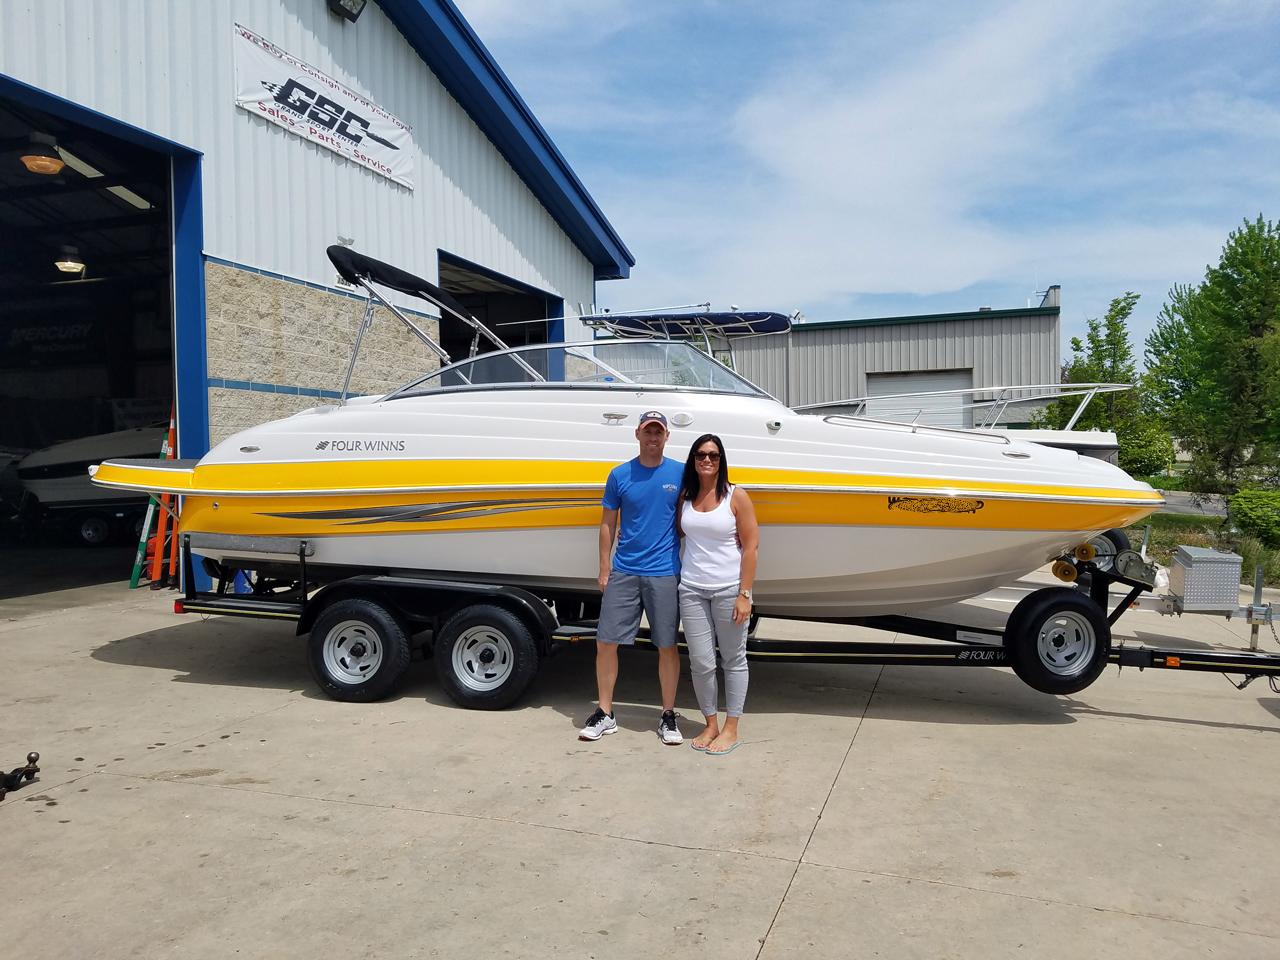 2008 Four Winns 224 Funship Deckboat